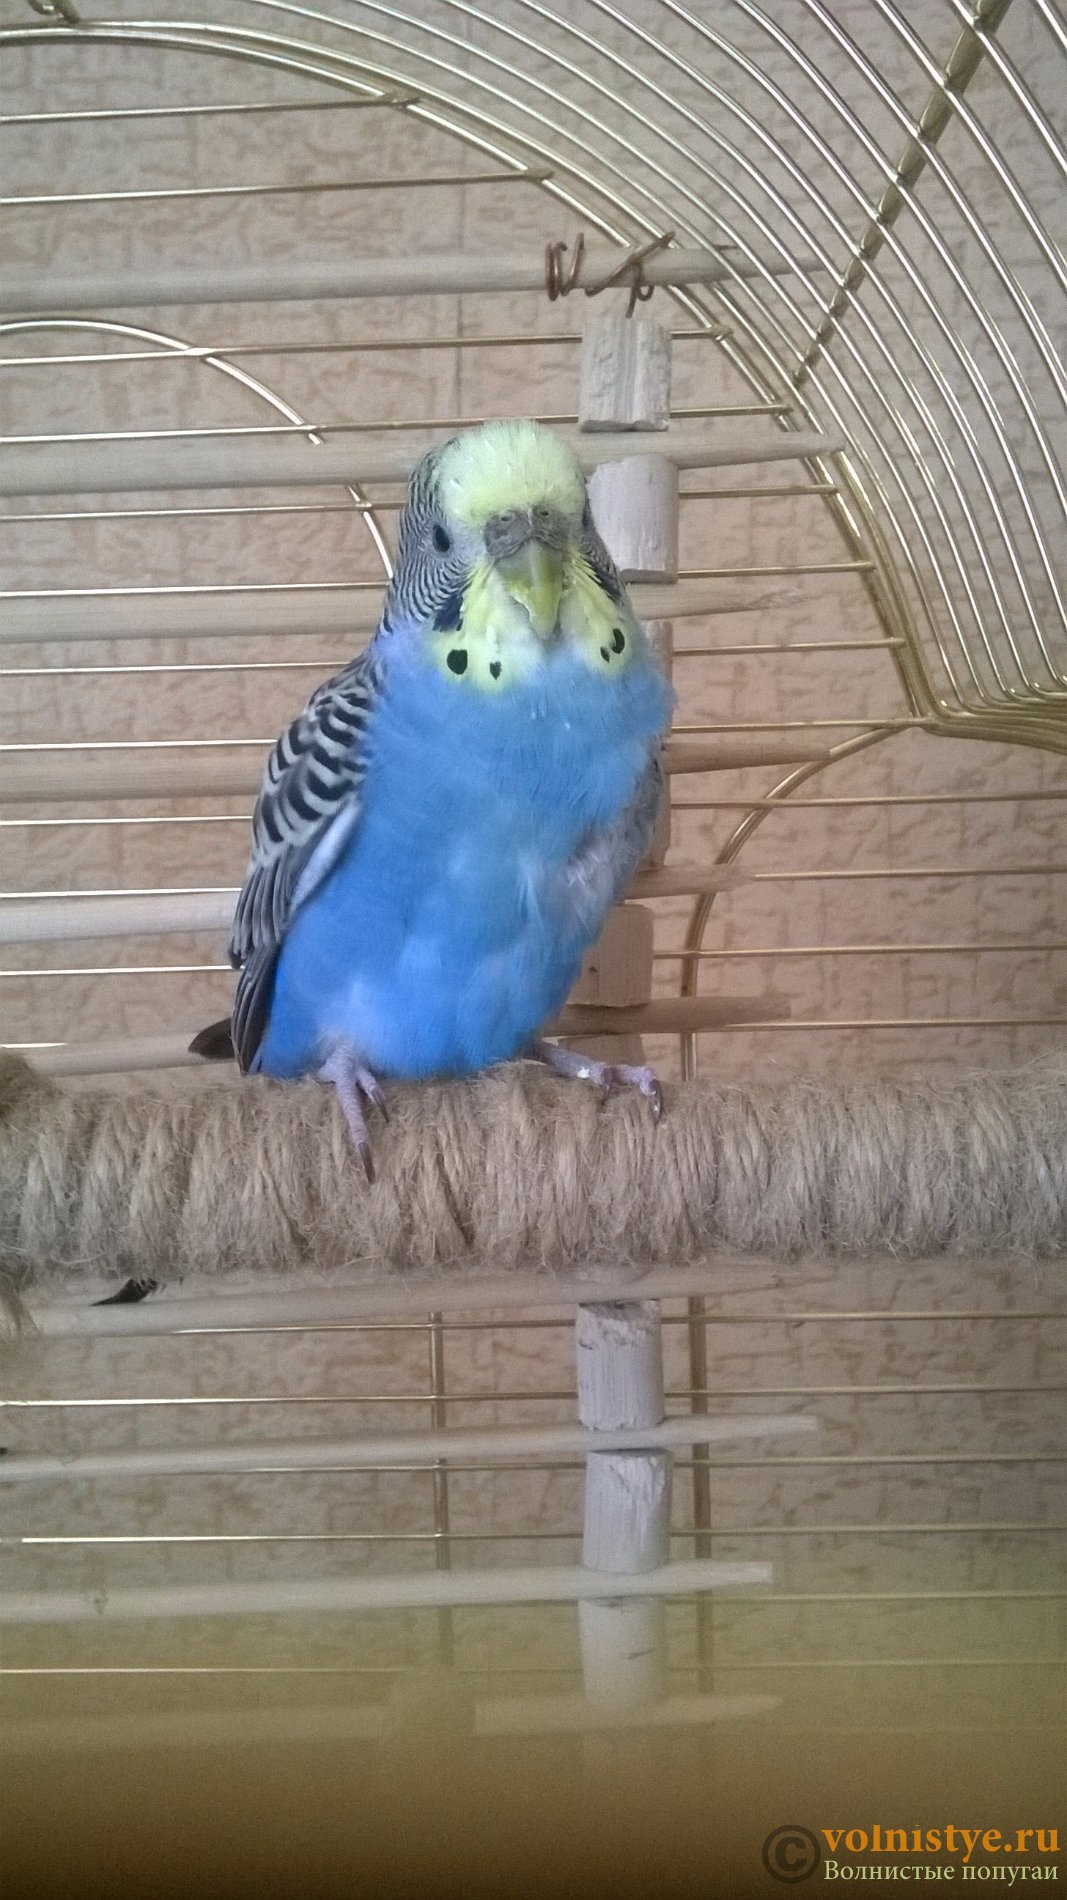 Зоб у волнистого попугая: симптомы воспаления и лечение в домашних условиях